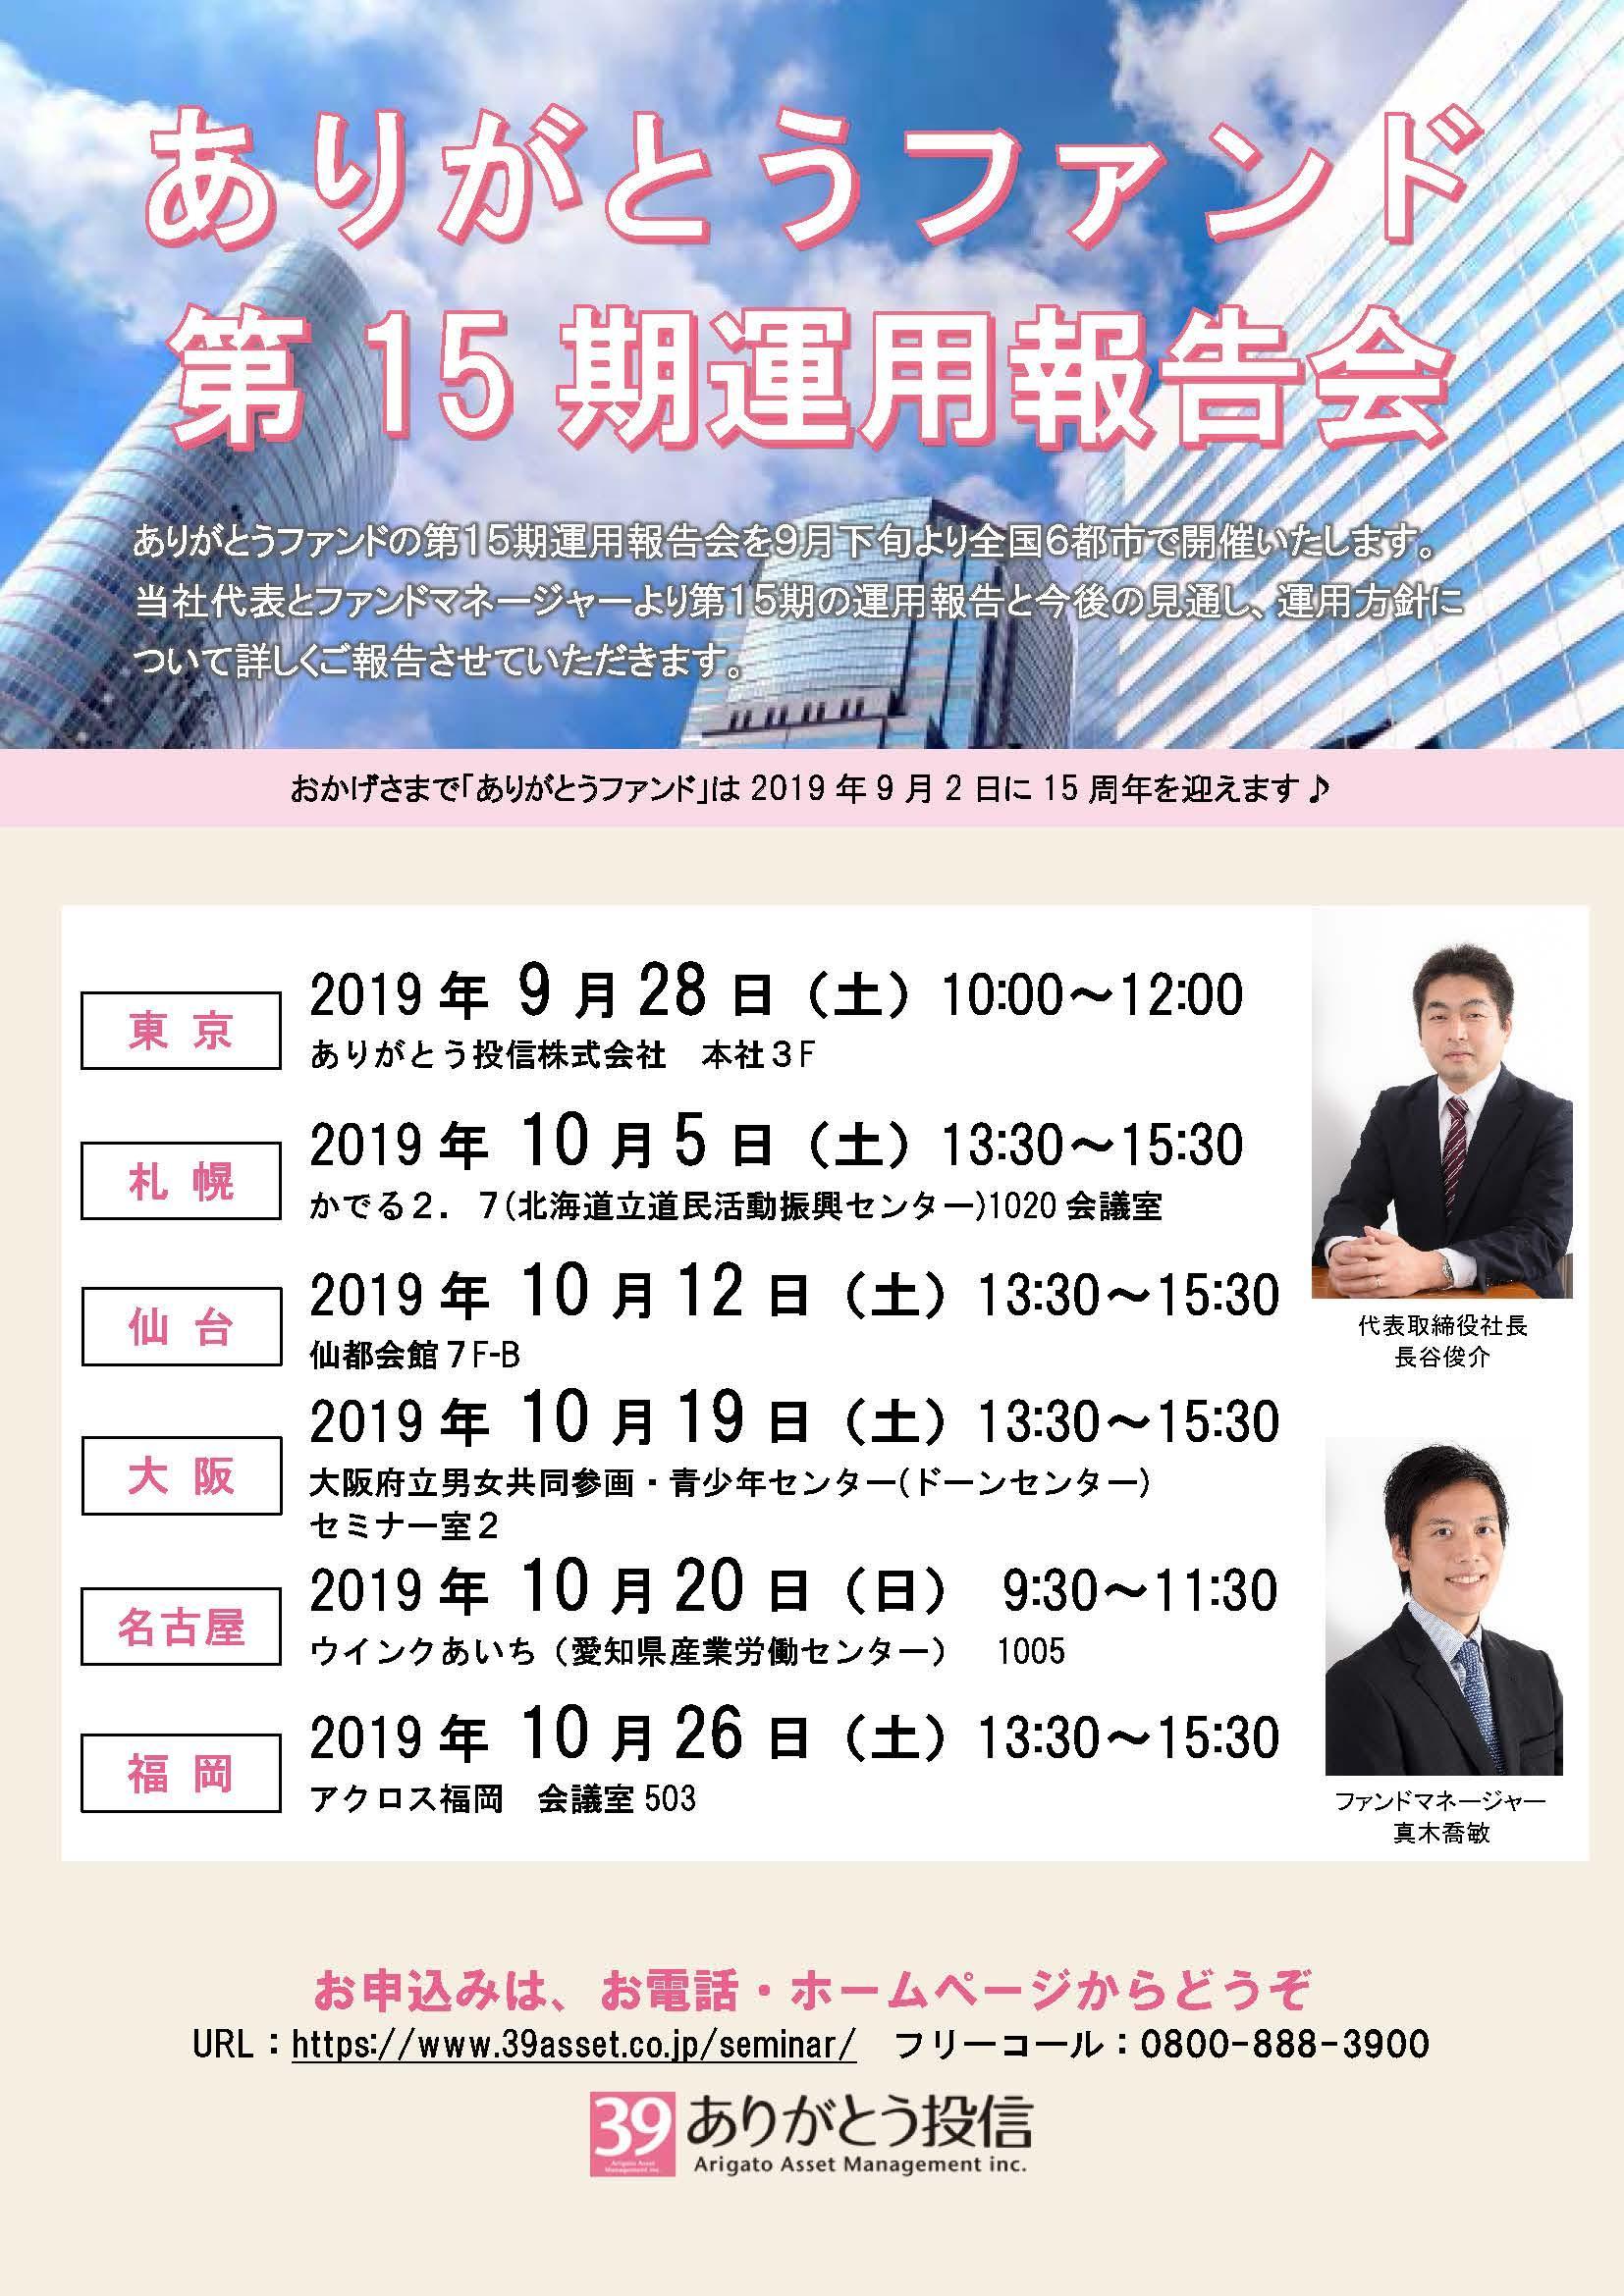 201908第15期運用報告会チラシ.jpg